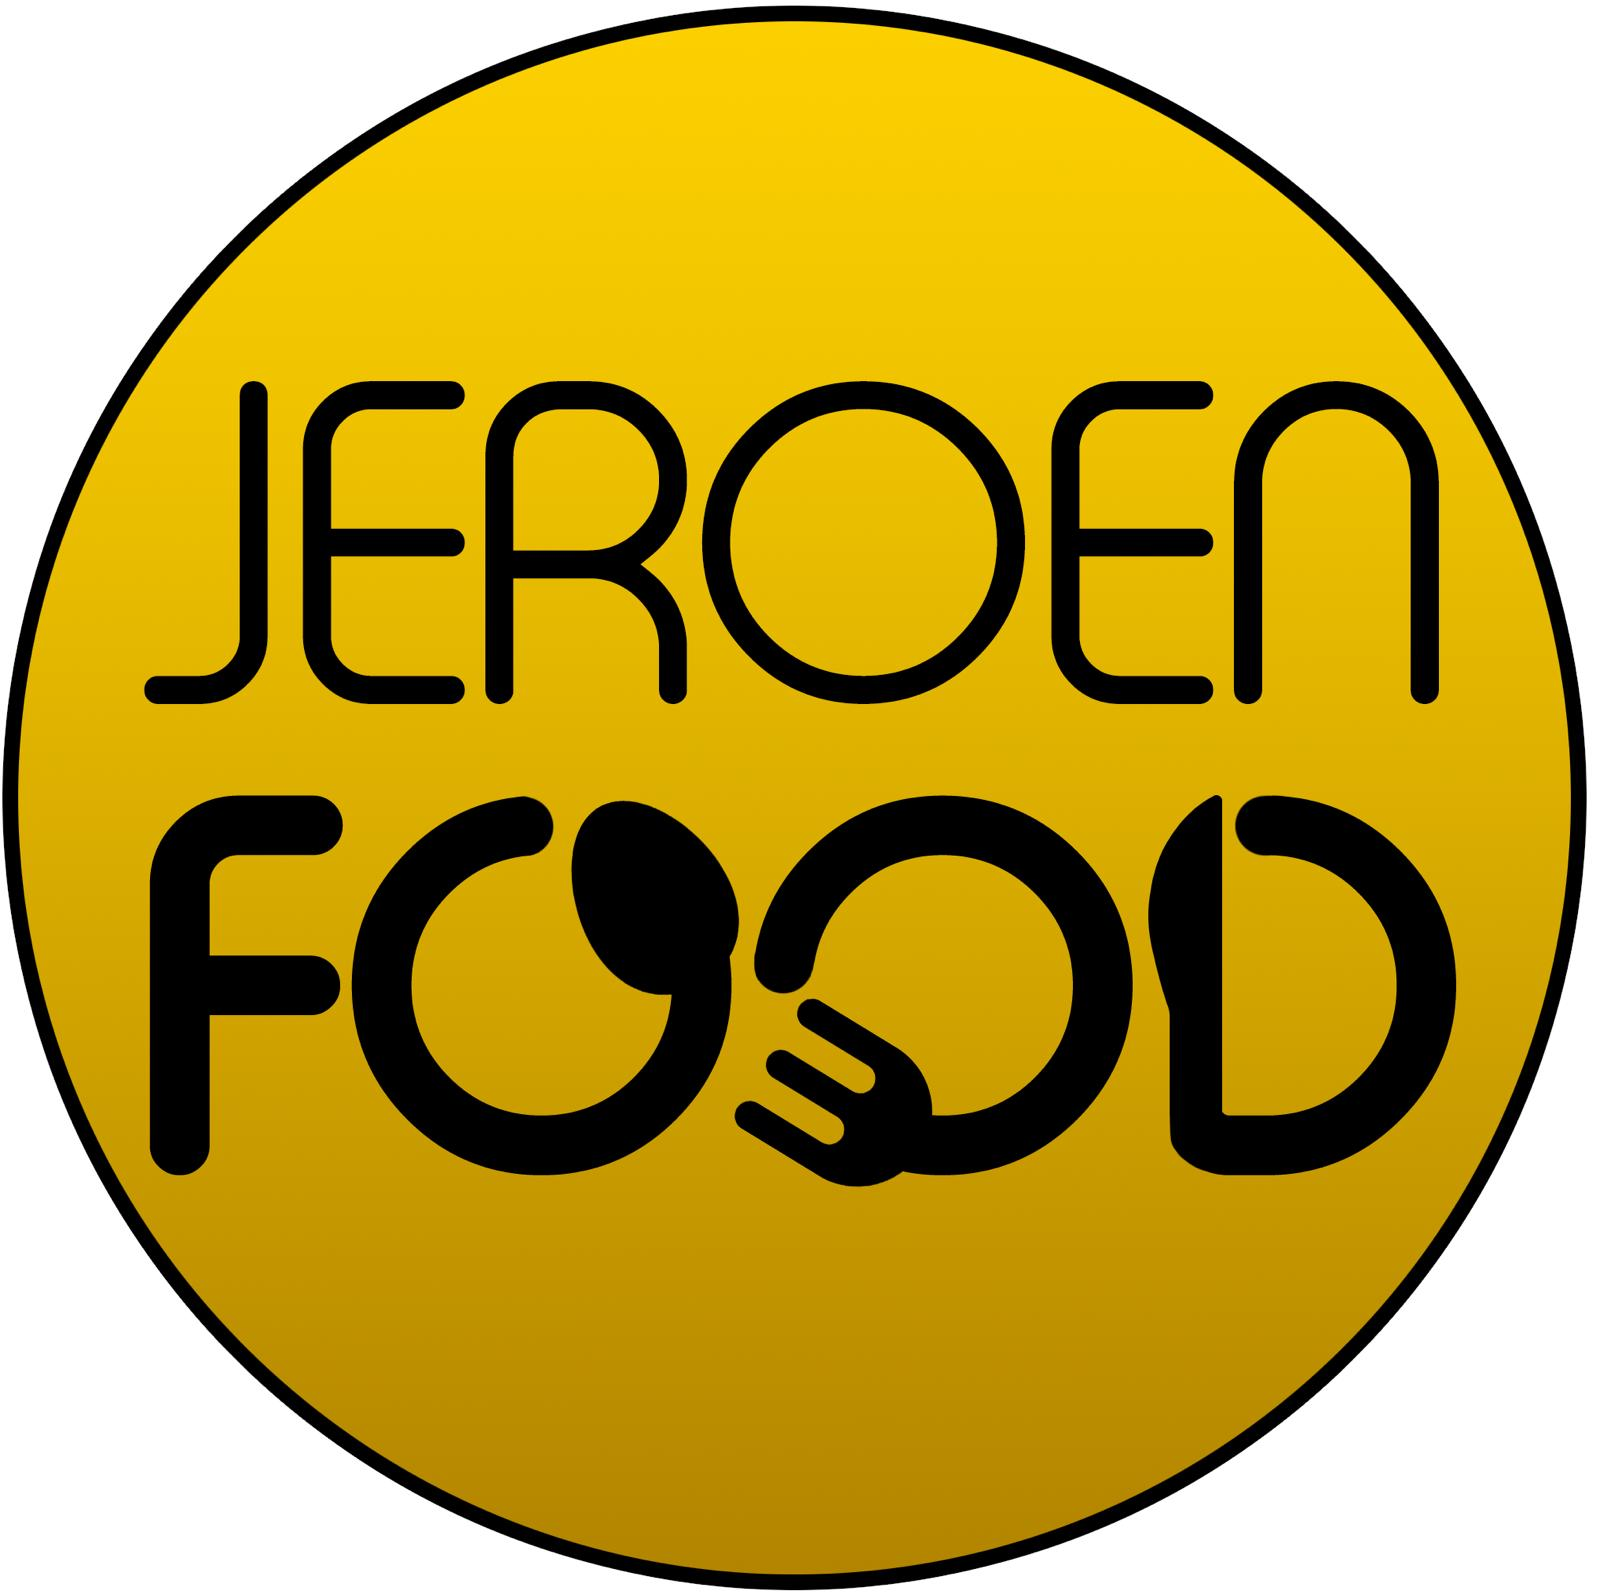 Jeroen Food